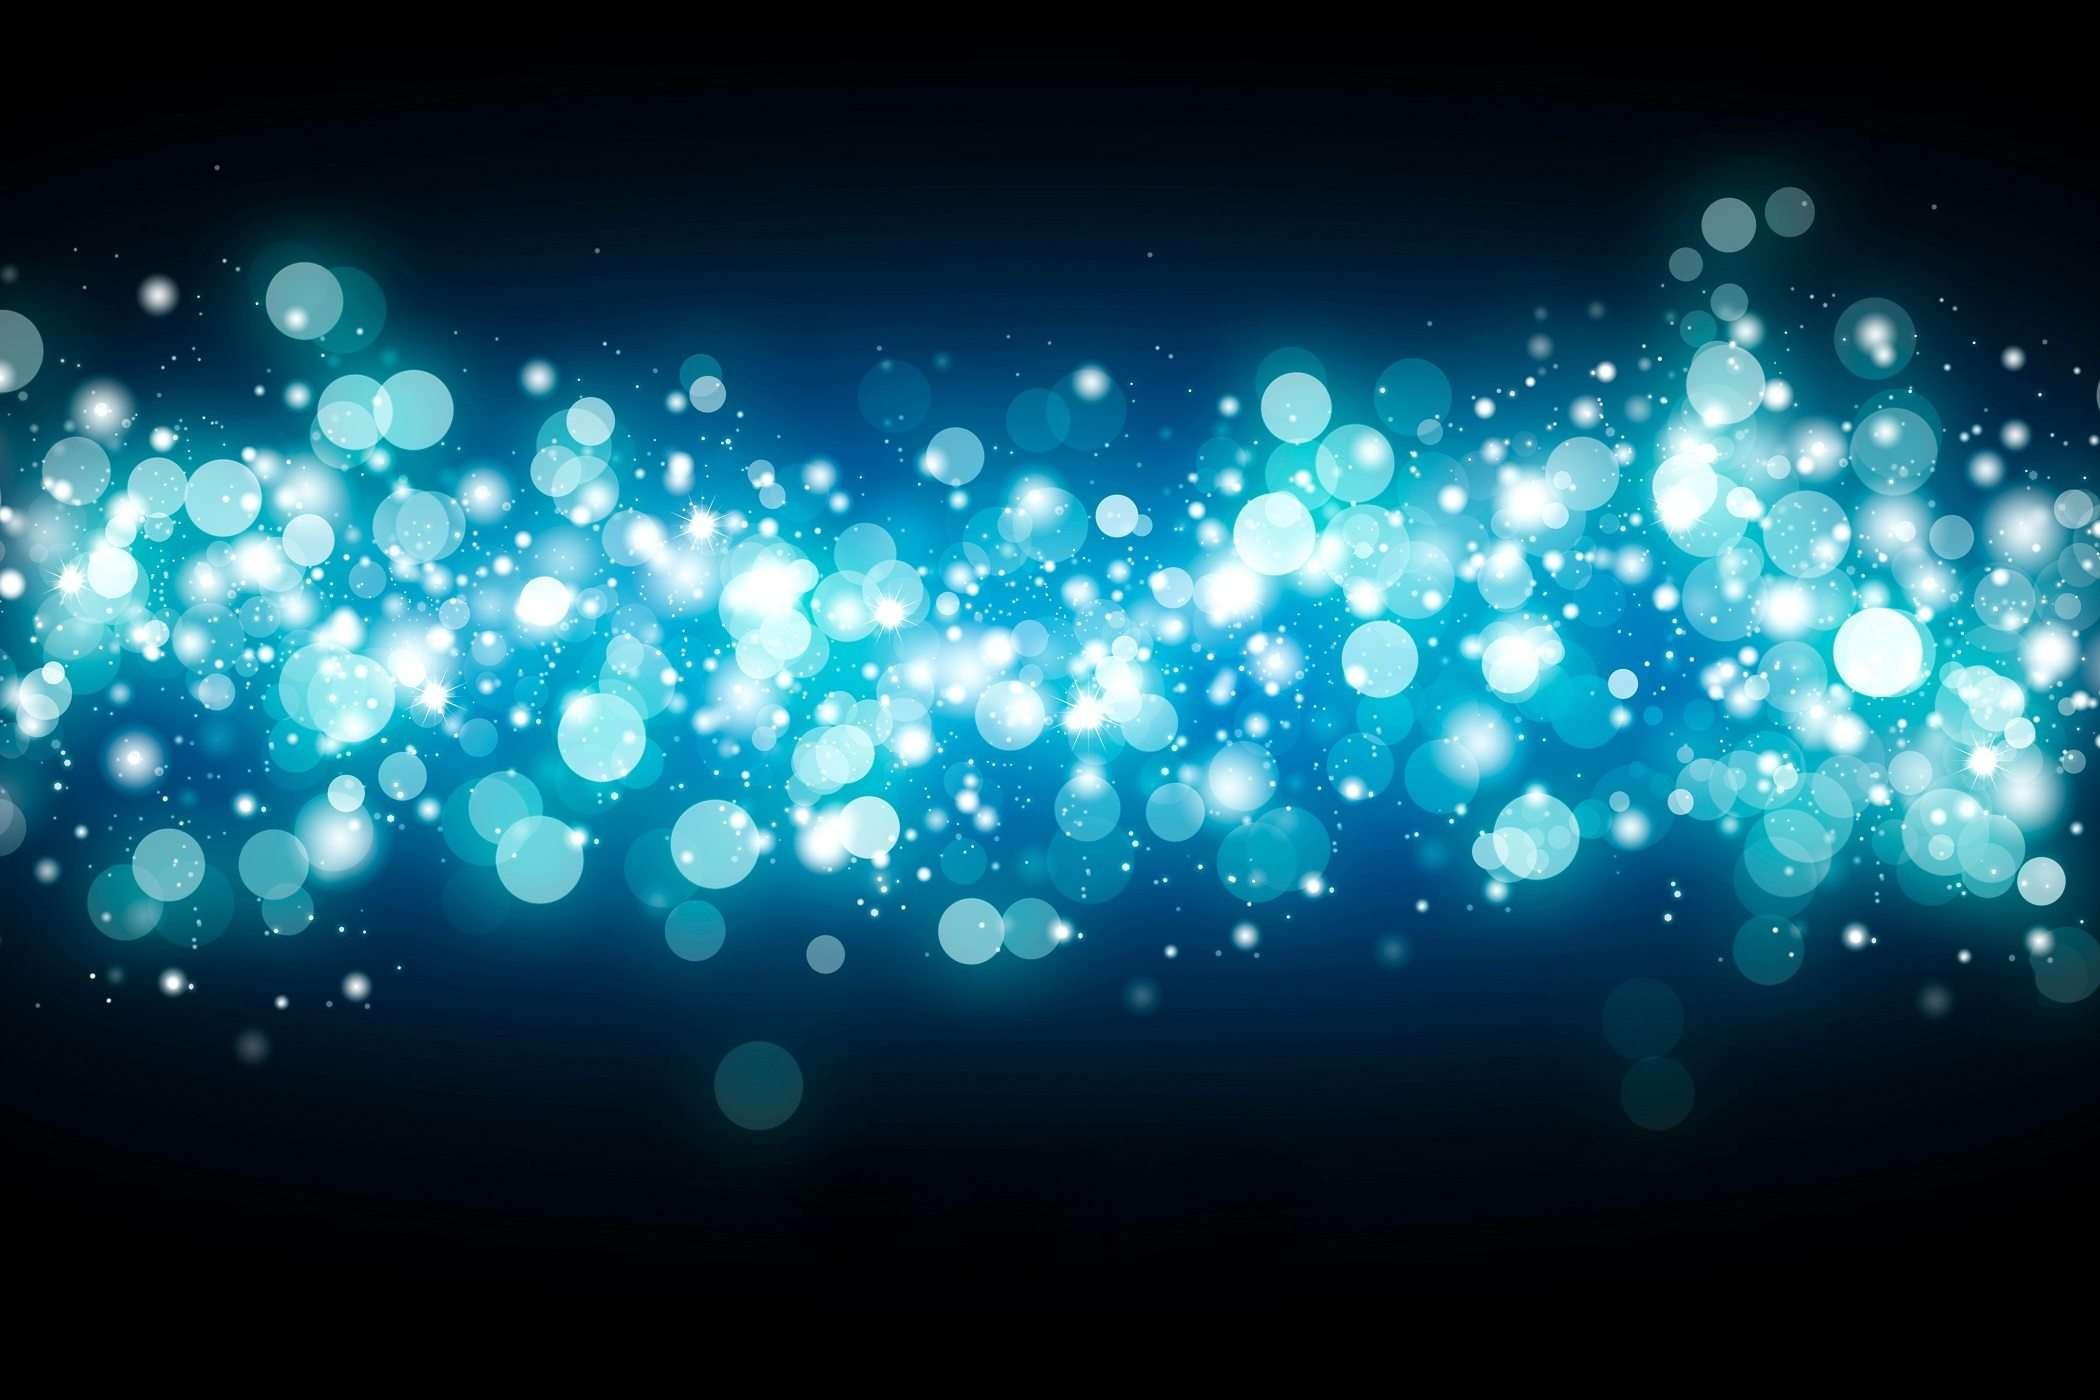 Blue Wallpaper 064